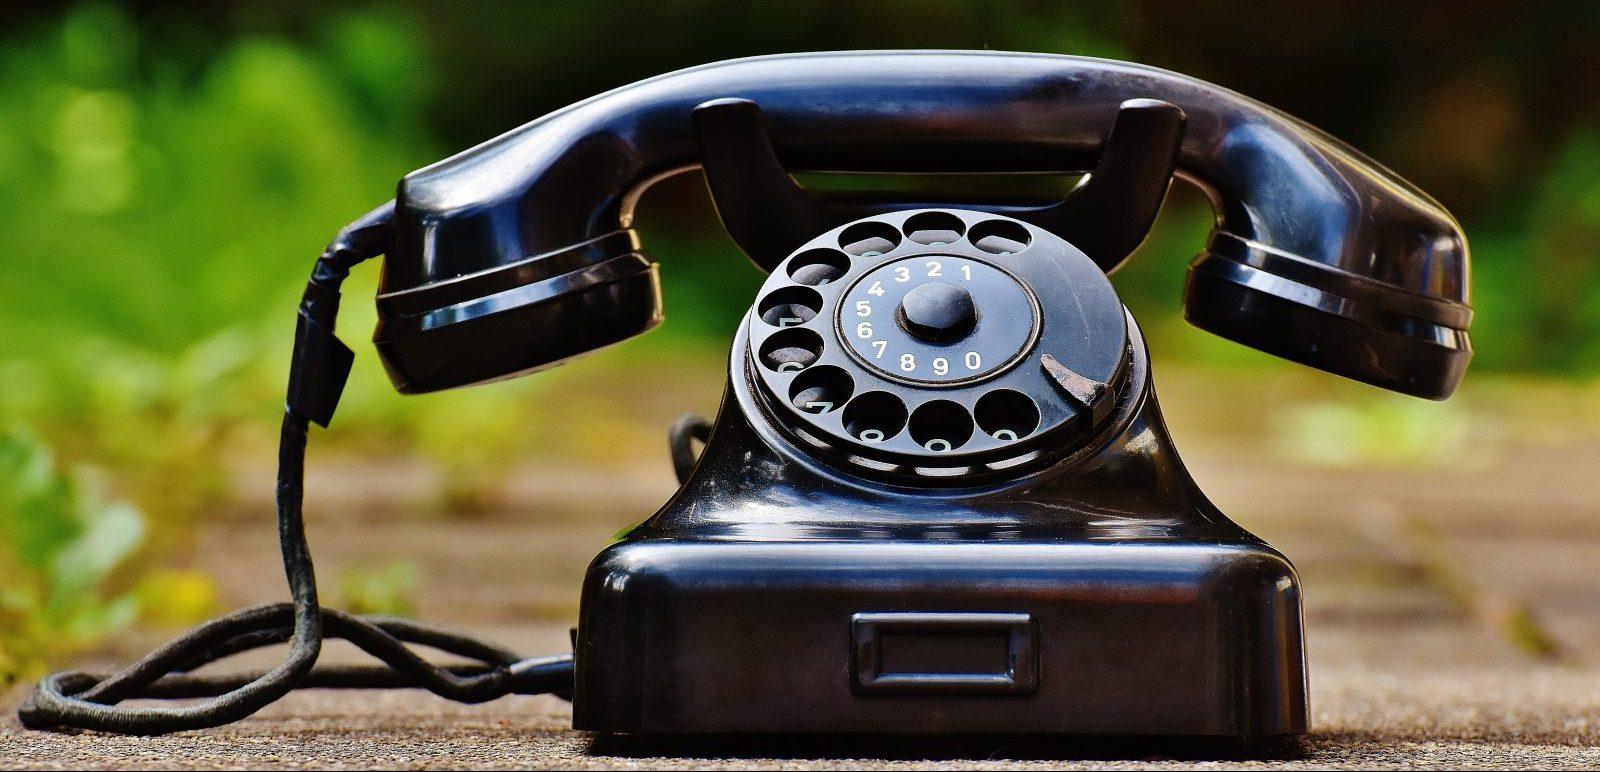 contact zwarte telefoon met draaischijf